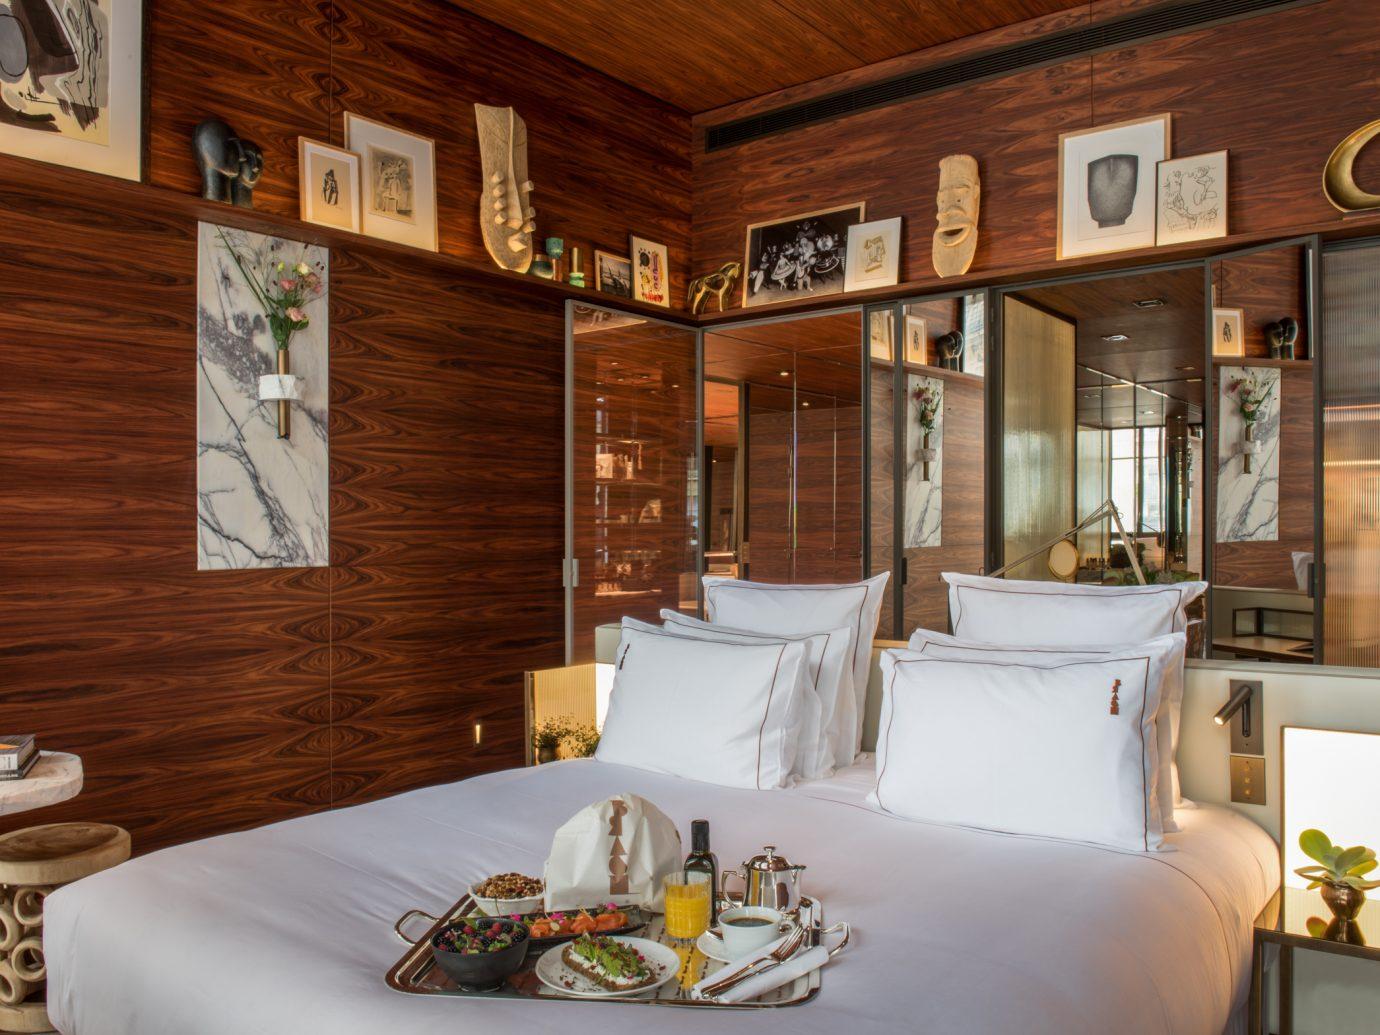 Deluxe Room at Brach Paris